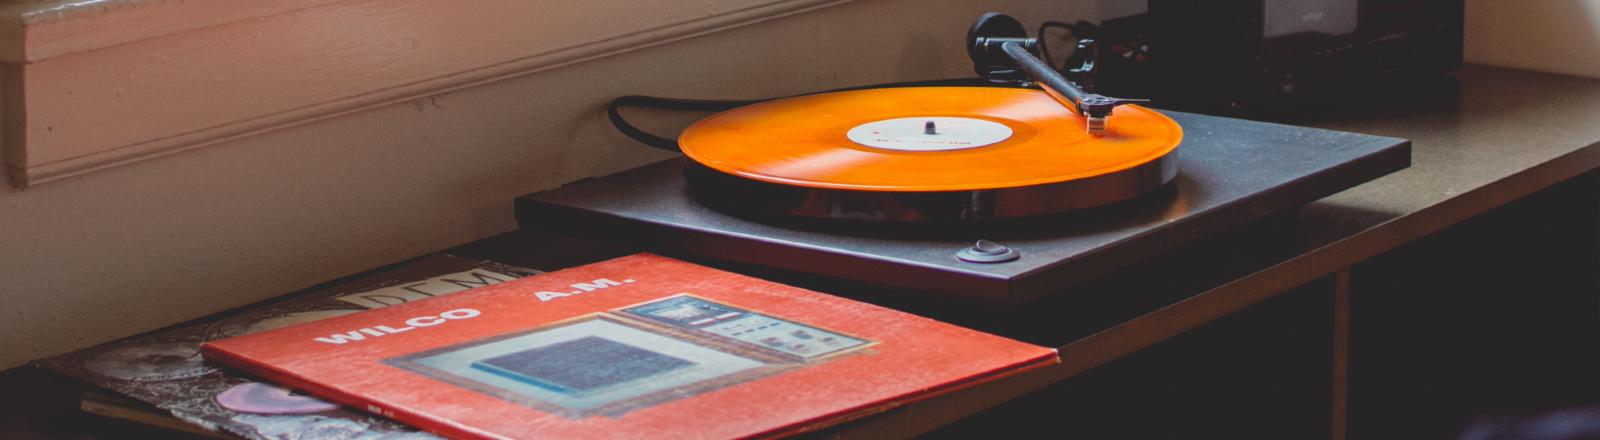 Ein Plattenspieler mit orangener Schallplatte in einem Wohnzimmer